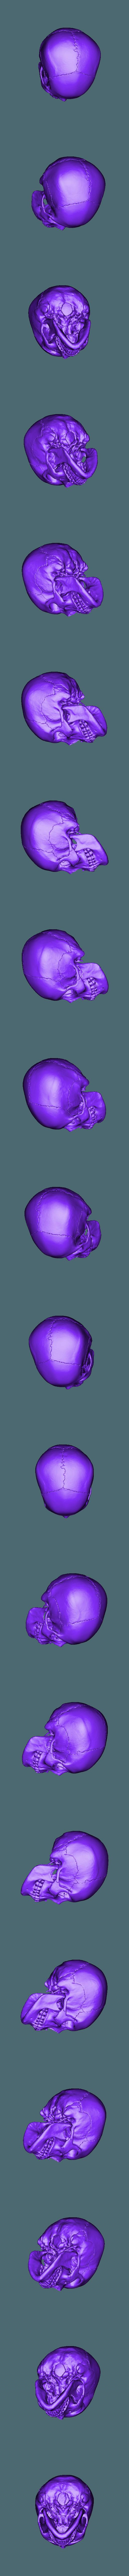 Skull.stl Télécharger fichier STL gratuit Crâne • Objet pour imprimante 3D, Hardesigner